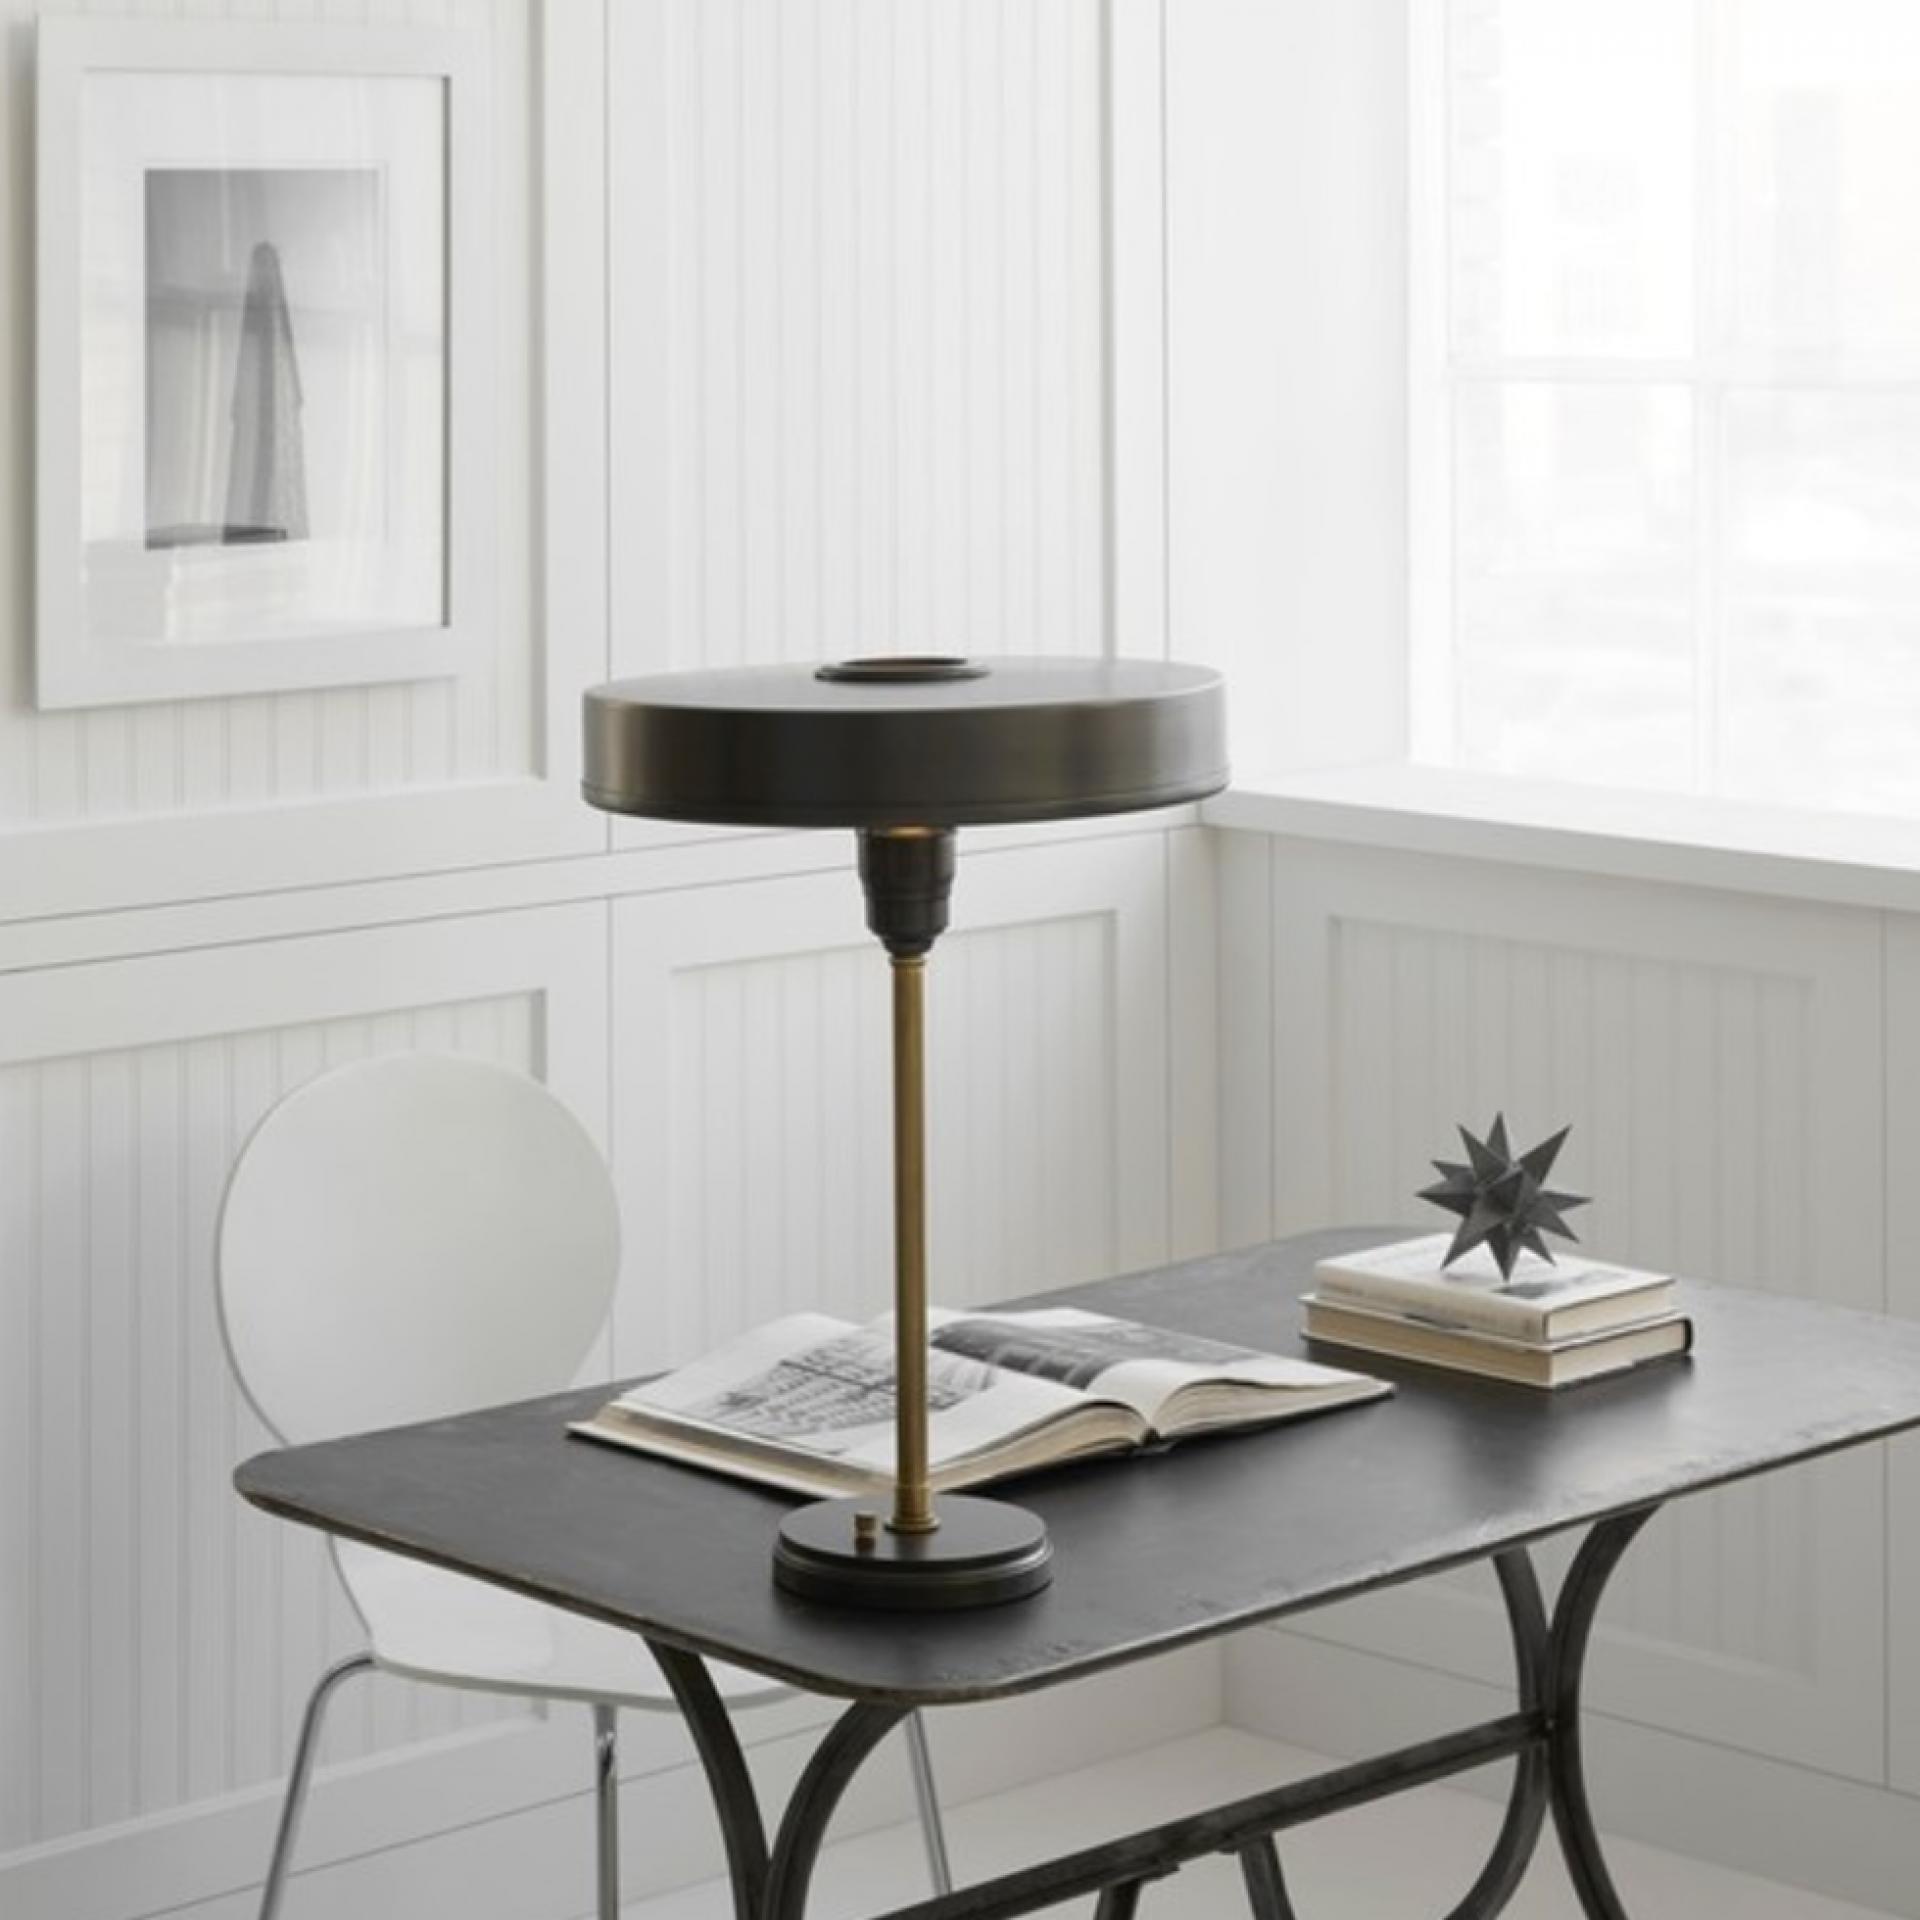 Table Light Ideas